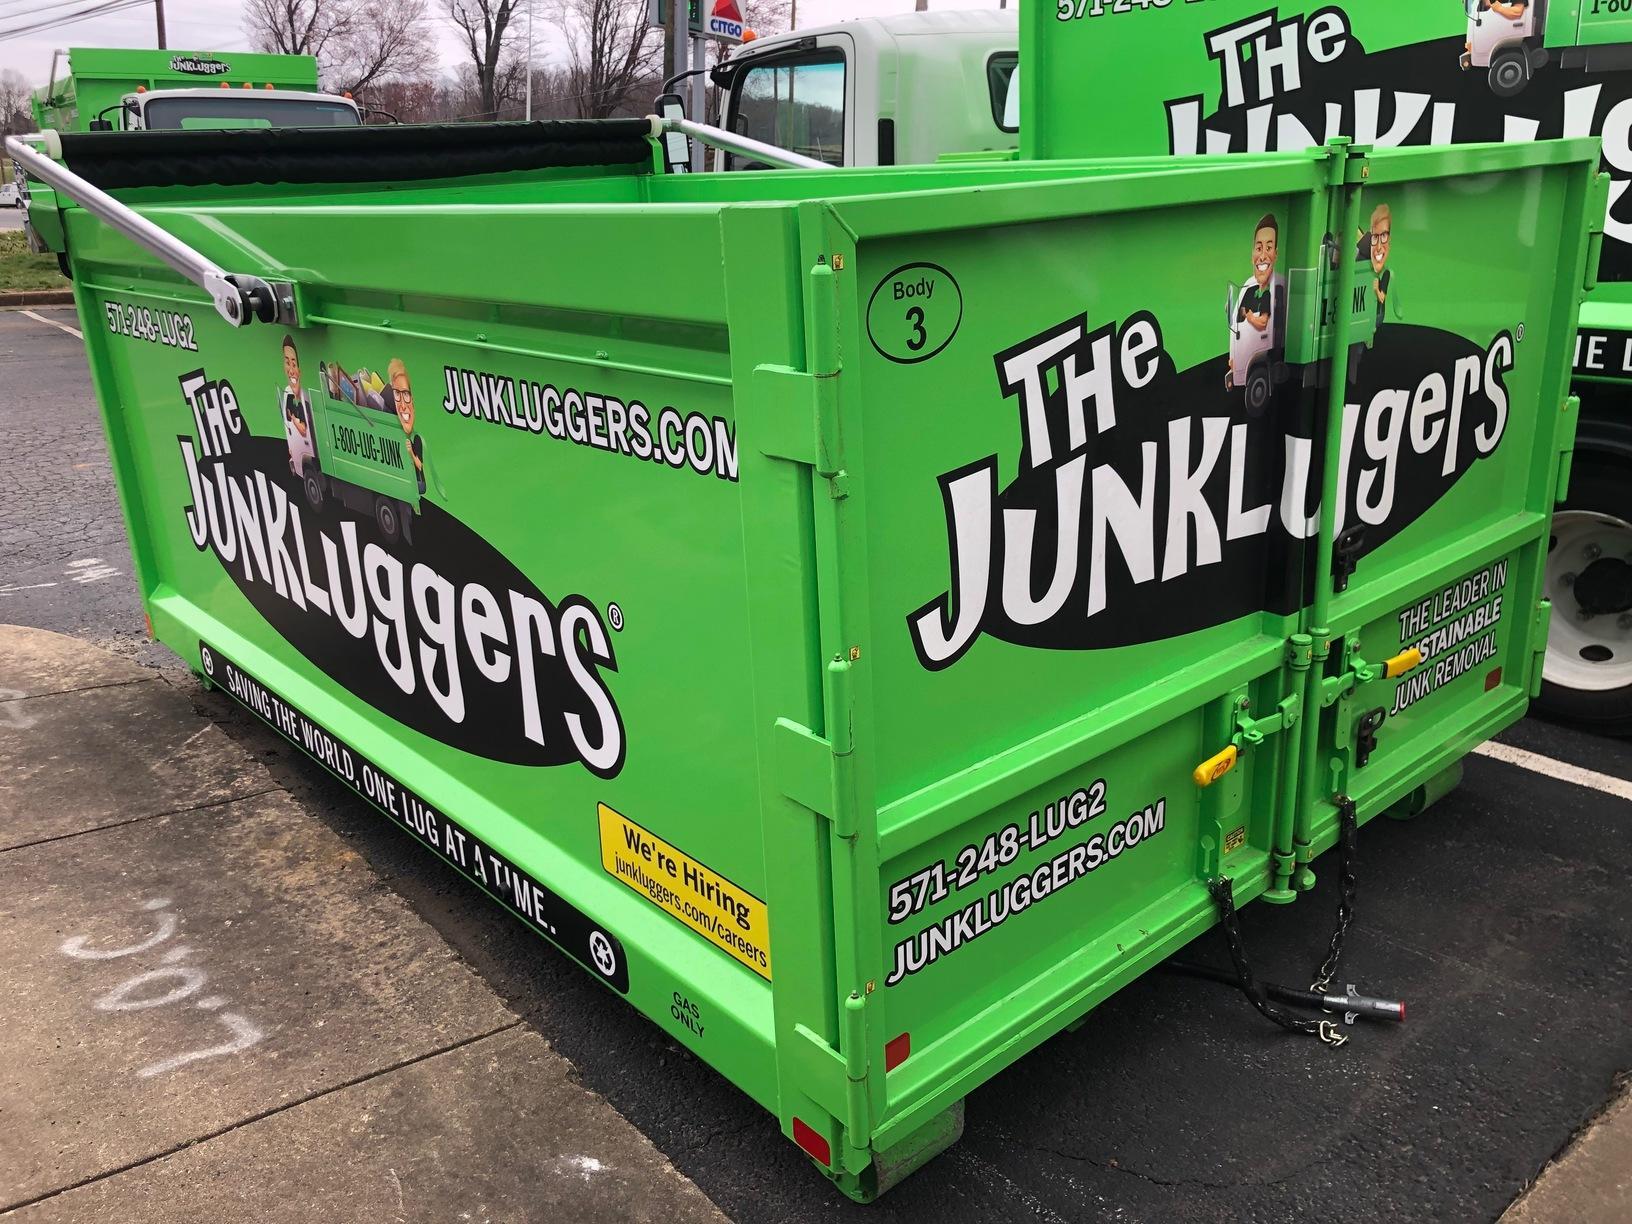 Dumpster rental in Warrenton, Va